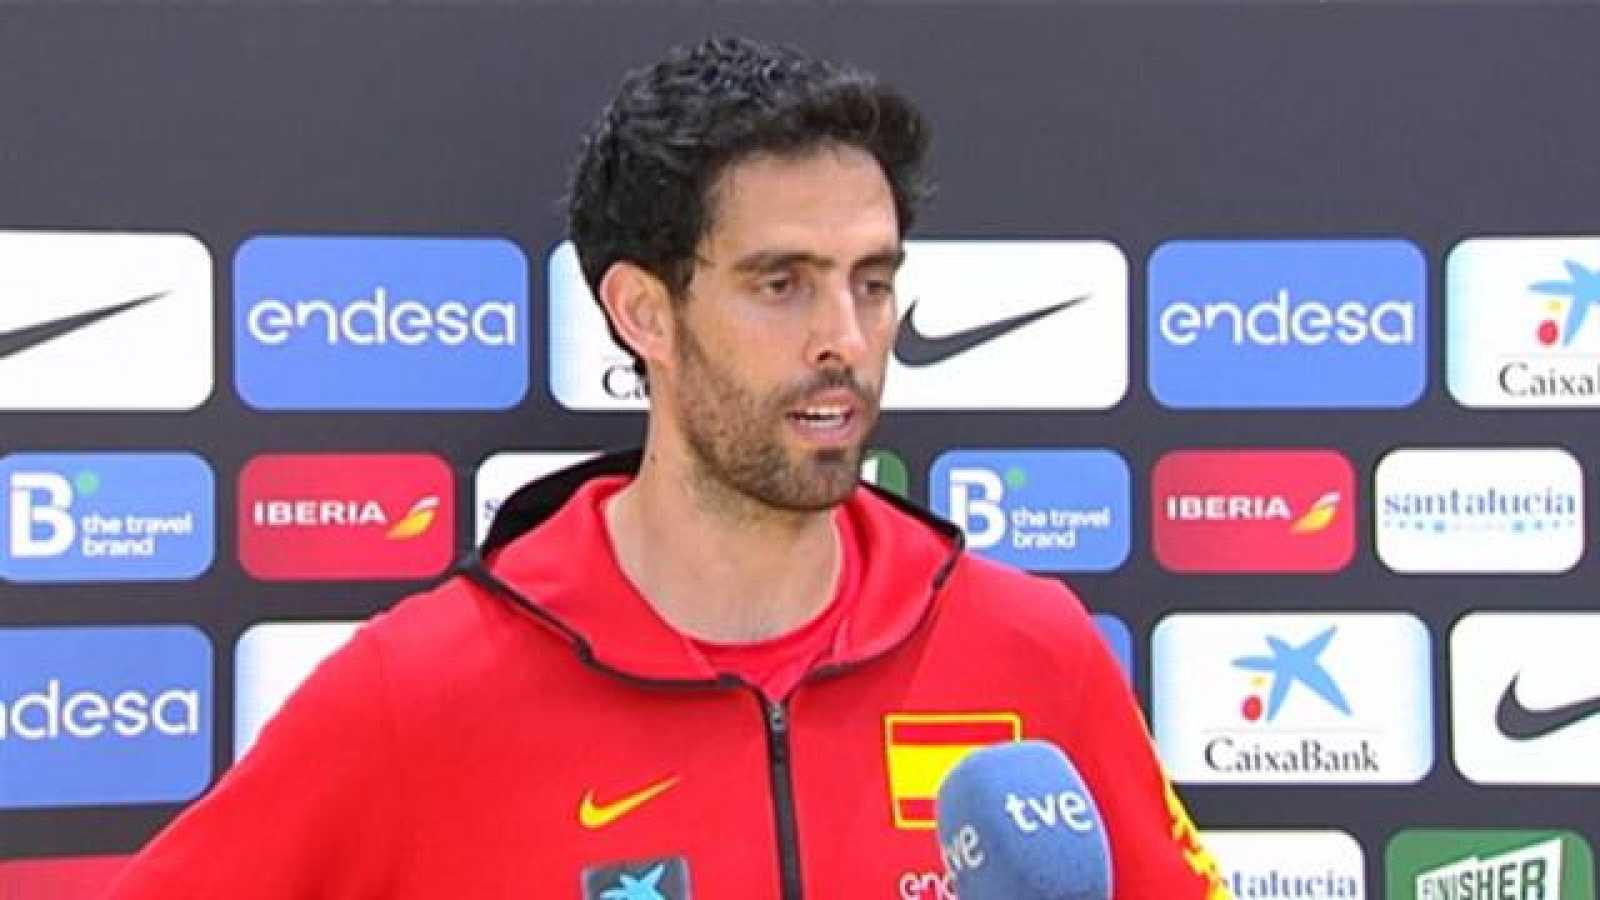 Deportes Canarias - 20/11/2020